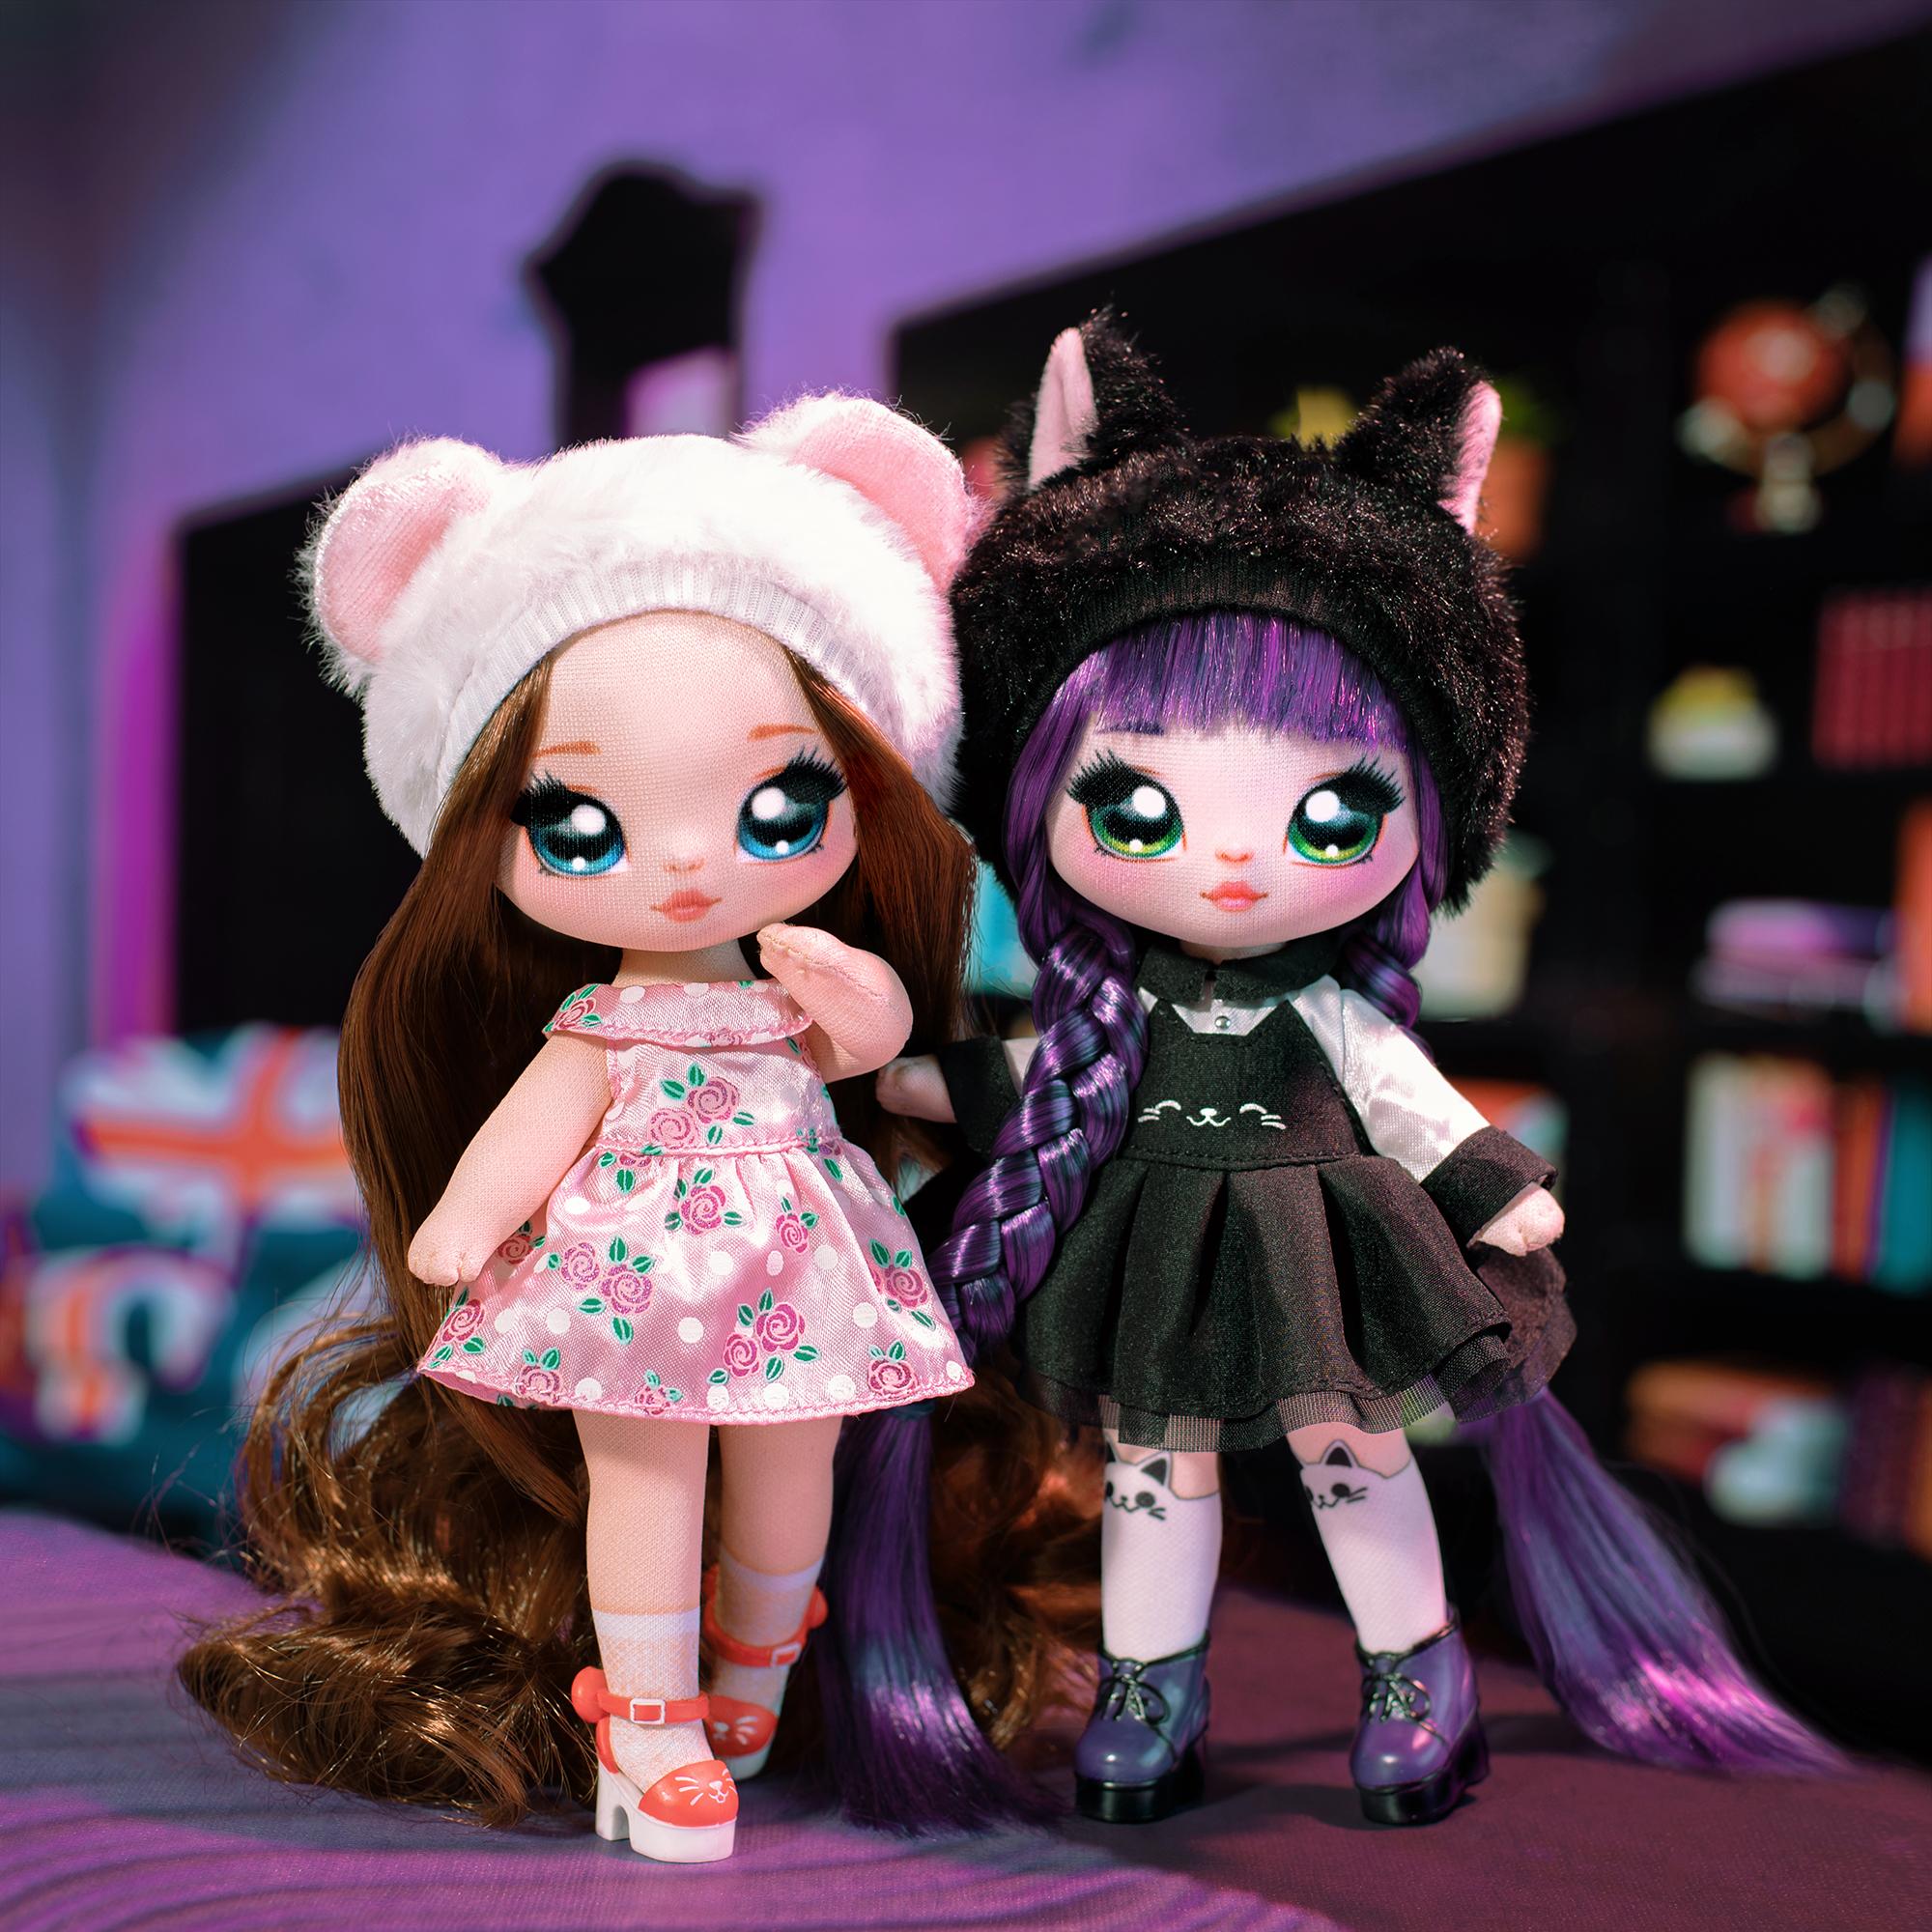 正版MGA娜娜娜nanana surprise驚喜布偶少女波姆娃娃盲盒女孩玩具